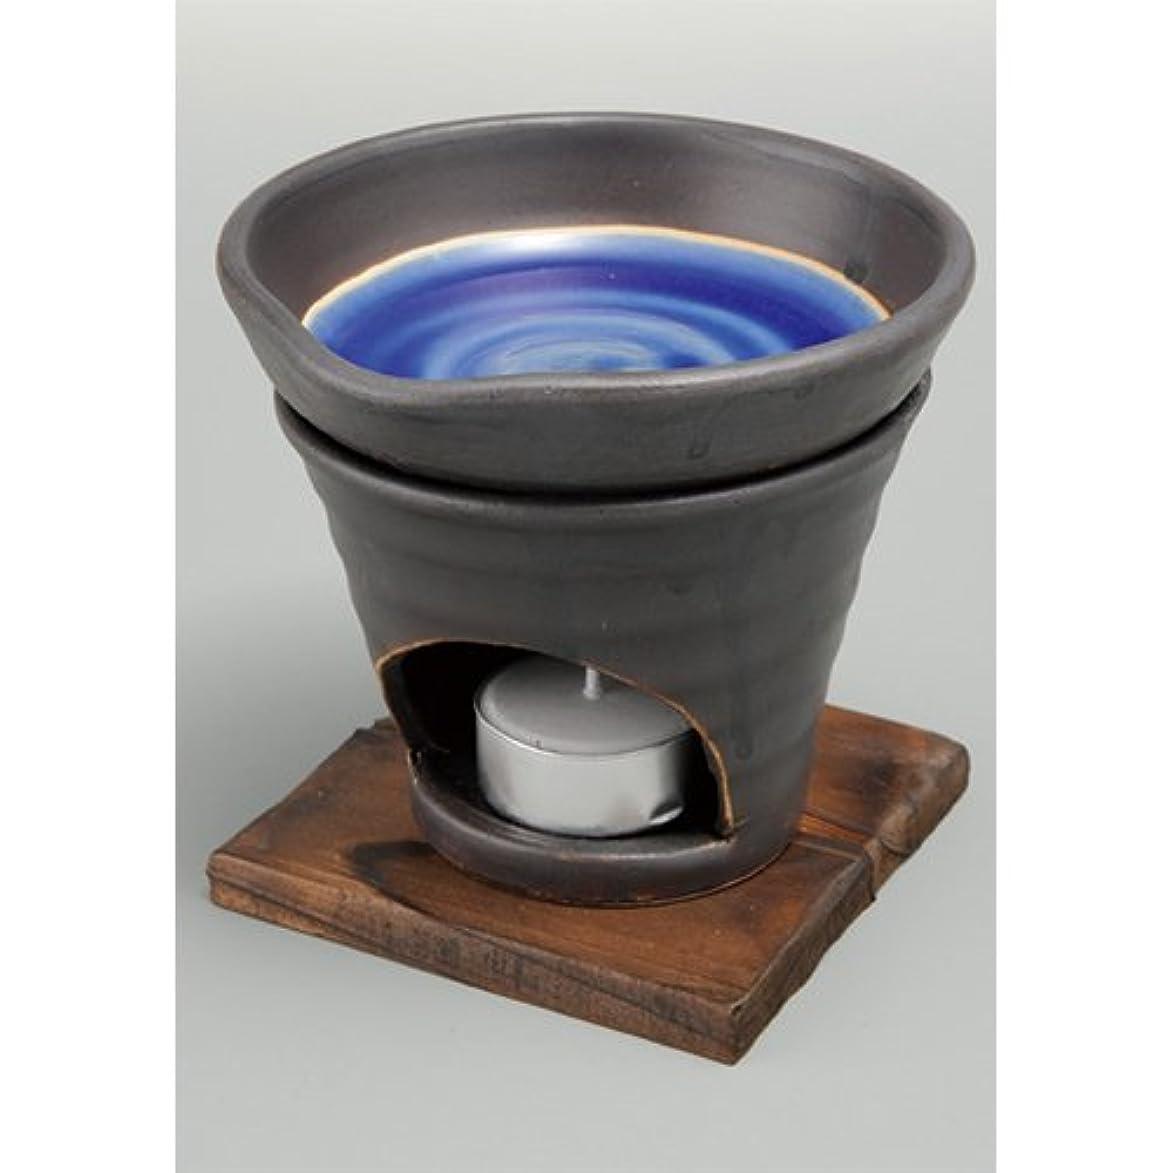 加害者ミュート装備する香炉 黒釉 茶香炉(青) [R11.8xH11.5cm] HANDMADE プレゼント ギフト 和食器 かわいい インテリア